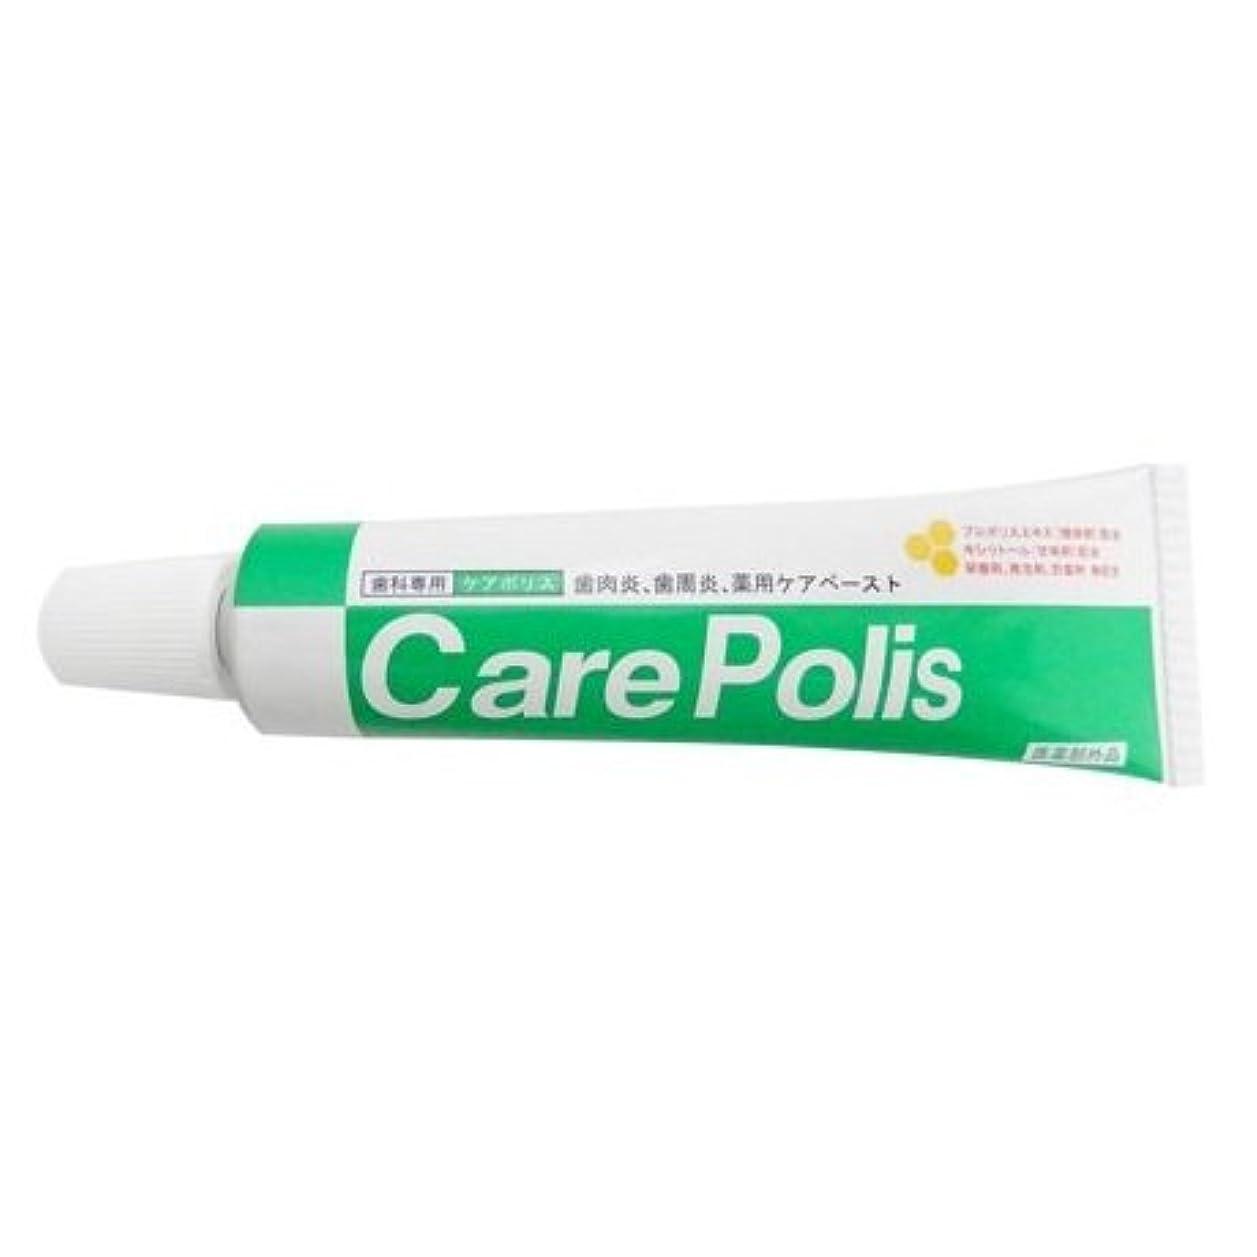 櫛ペンス可能性薬用歯磨 ケアポリス 75g